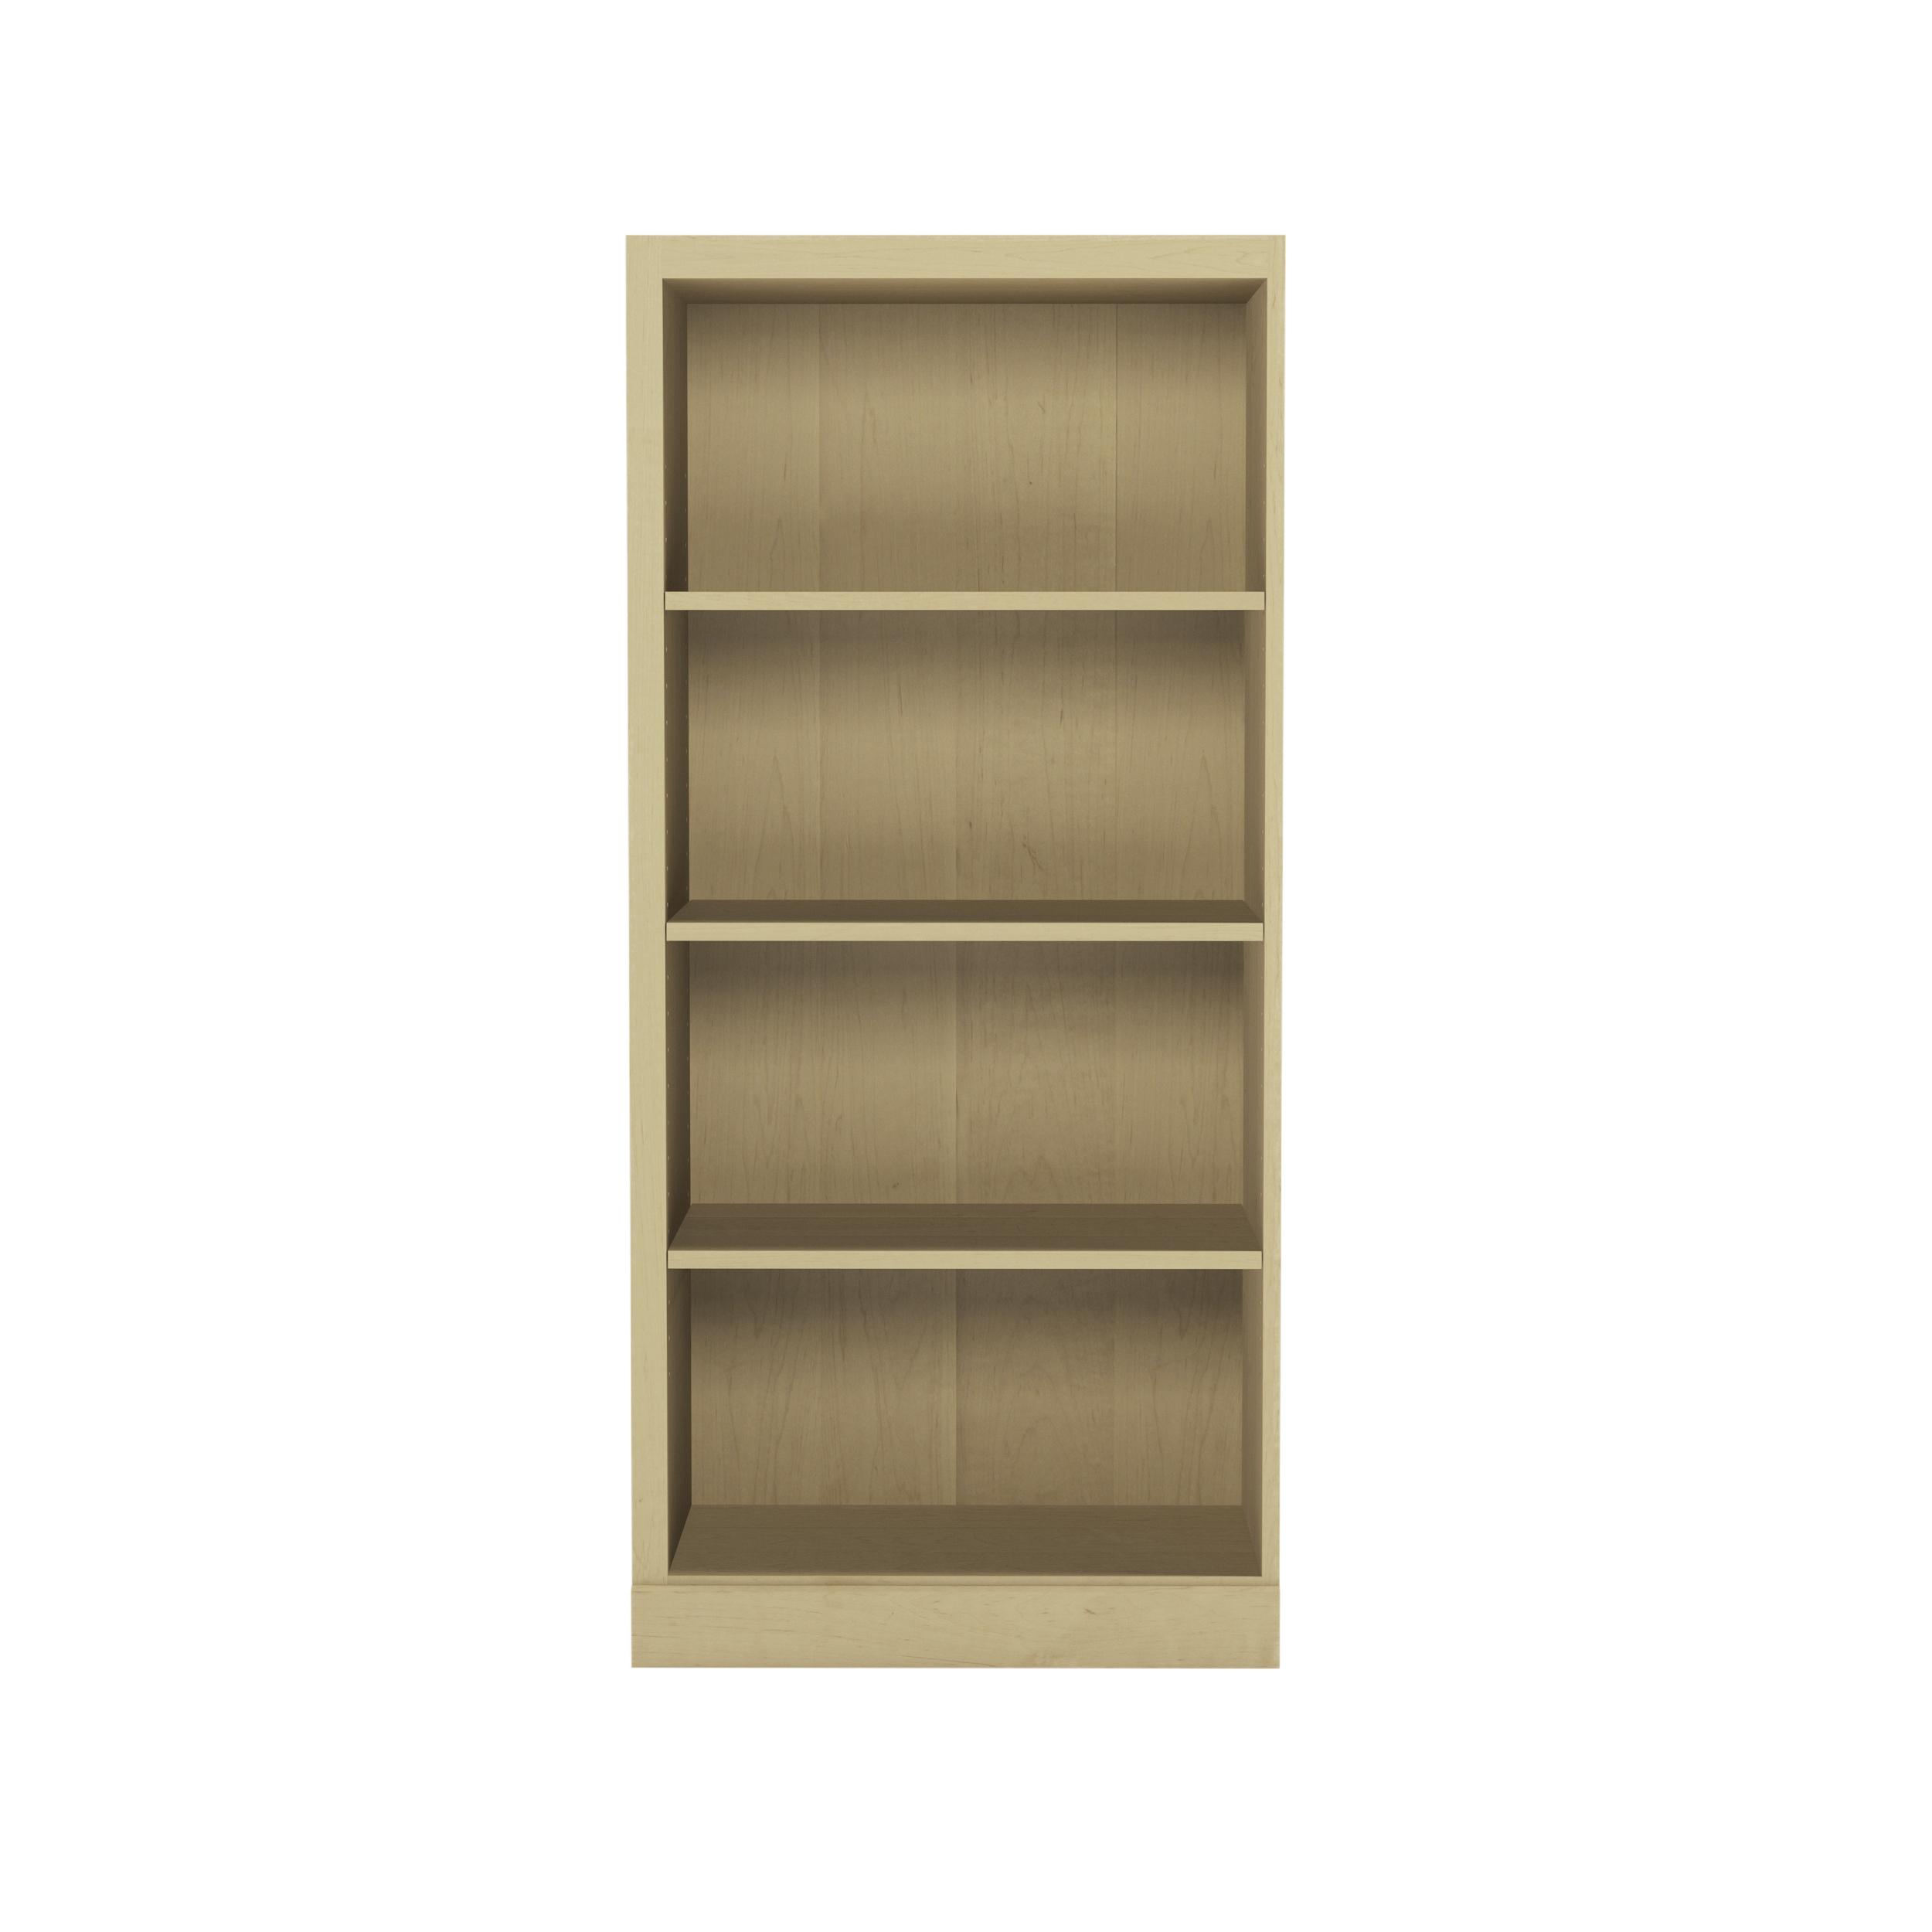 Flexmoderne 58″ In Height Deep Leftside Bookshelf